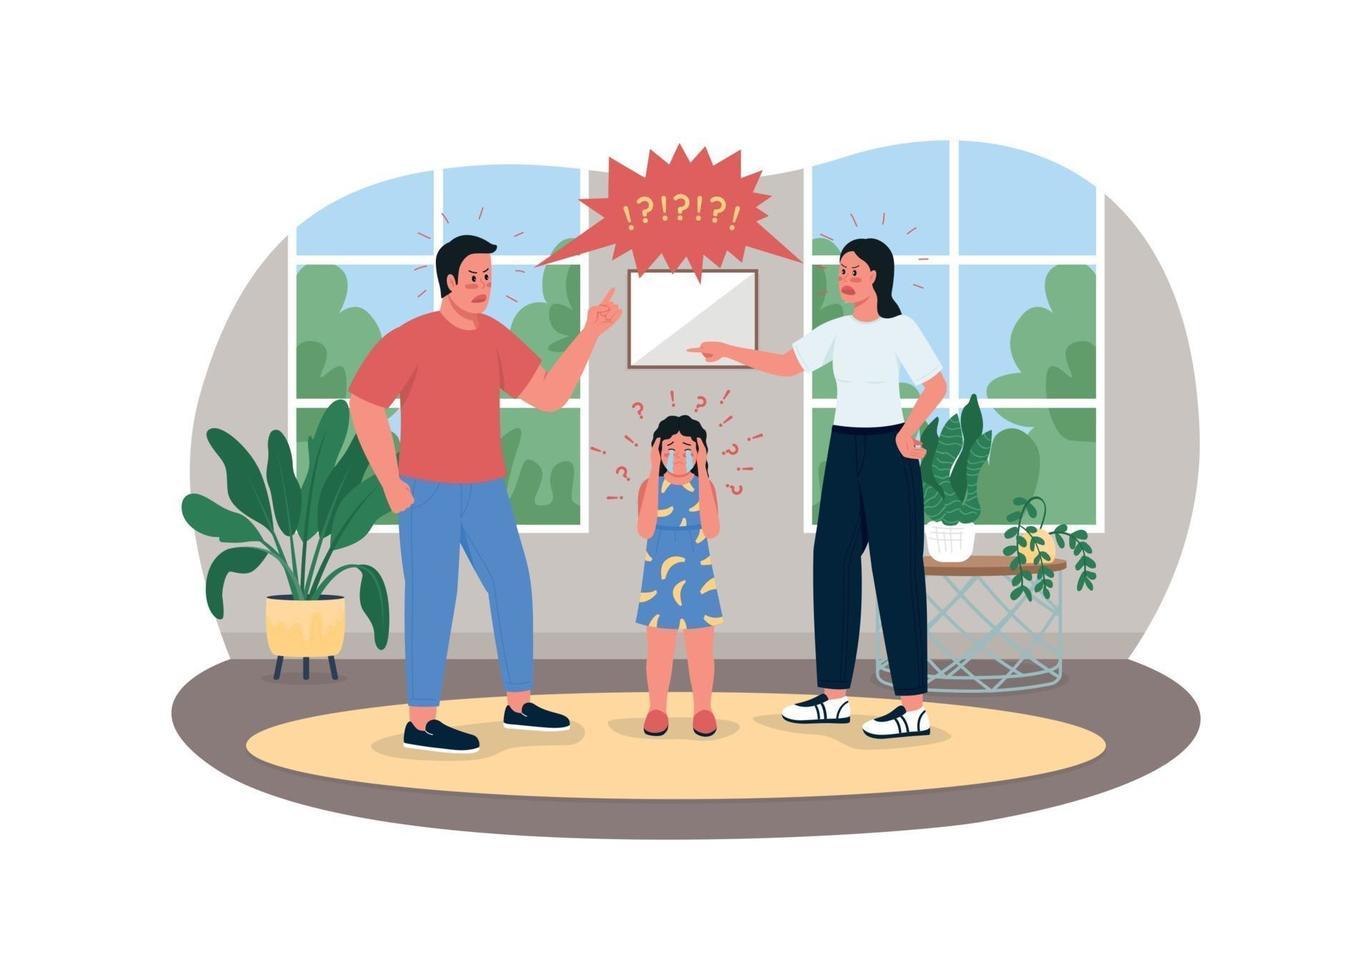 föräldrar slåss 2d vektor webb banner, affisch